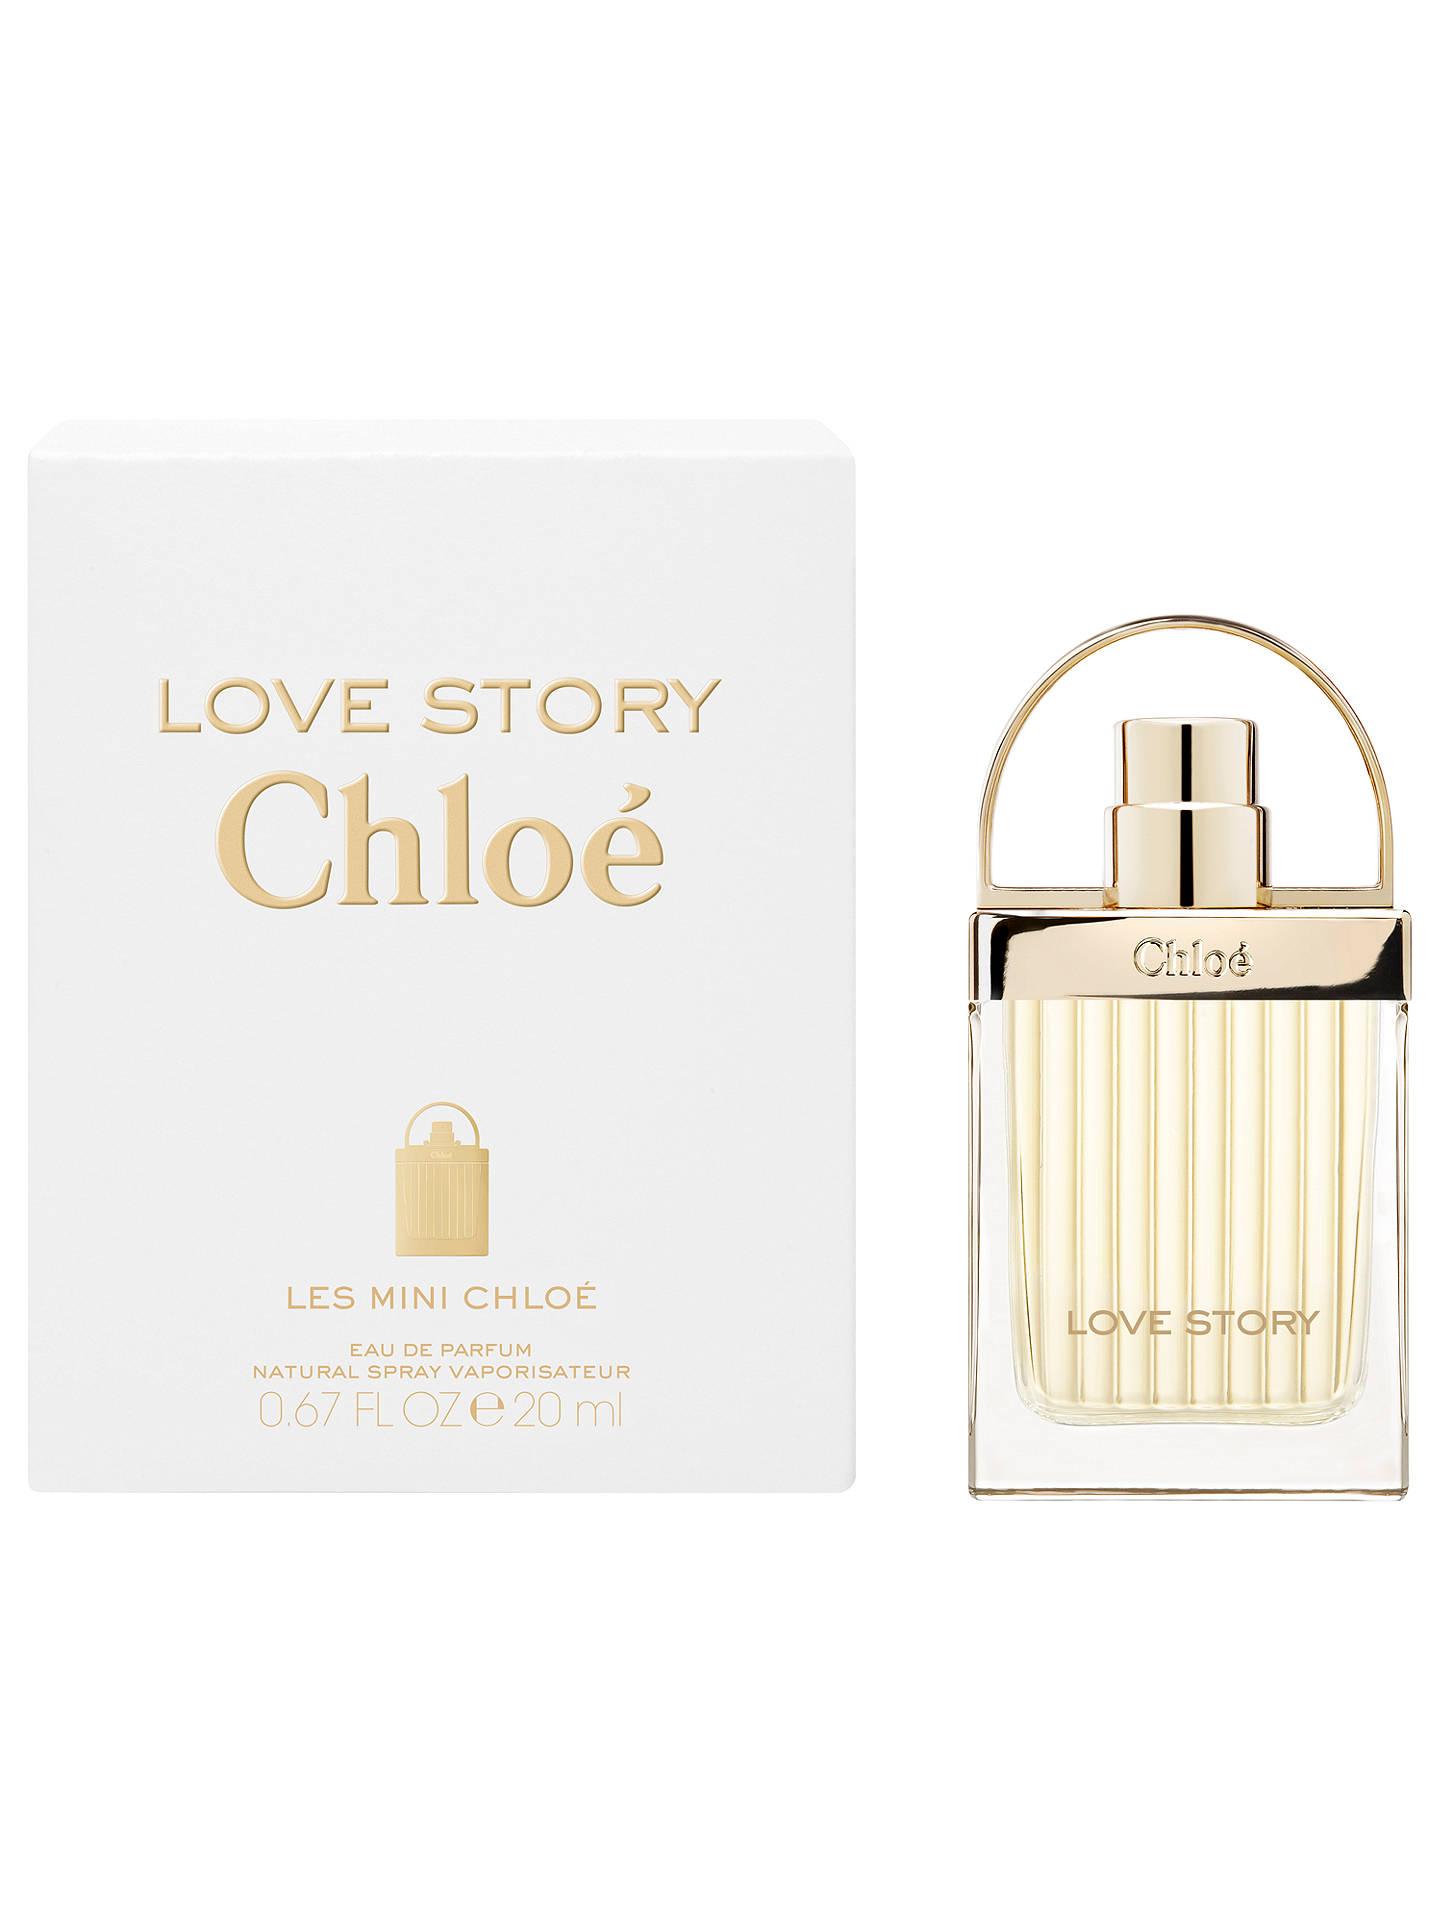 Chloé Love Story Les Mini Chloé Eau De Parfum 20ml At John Lewis